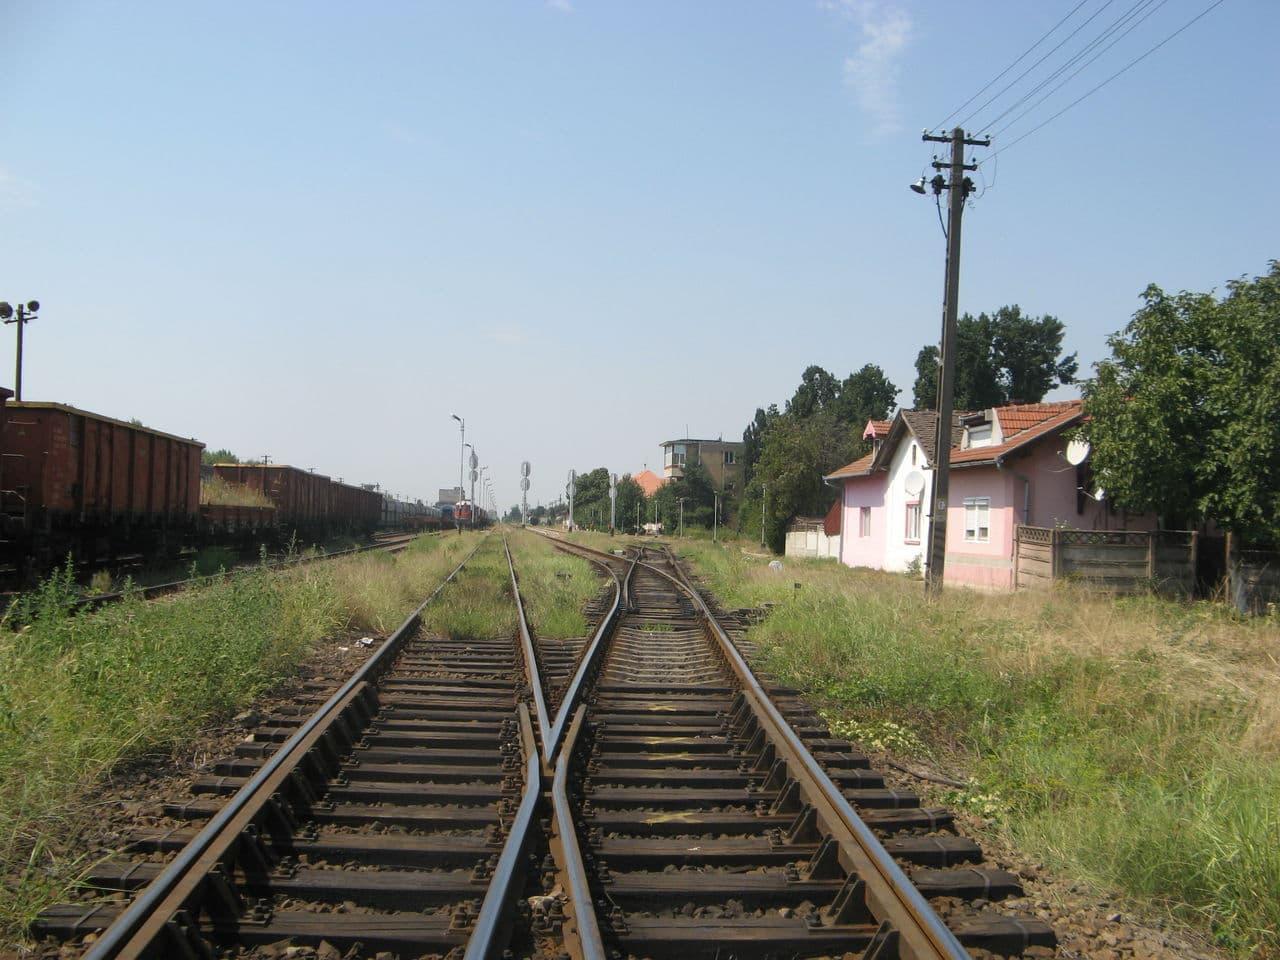 Calea ferată directă Oradea Vest - Episcopia Bihor IMG_0077